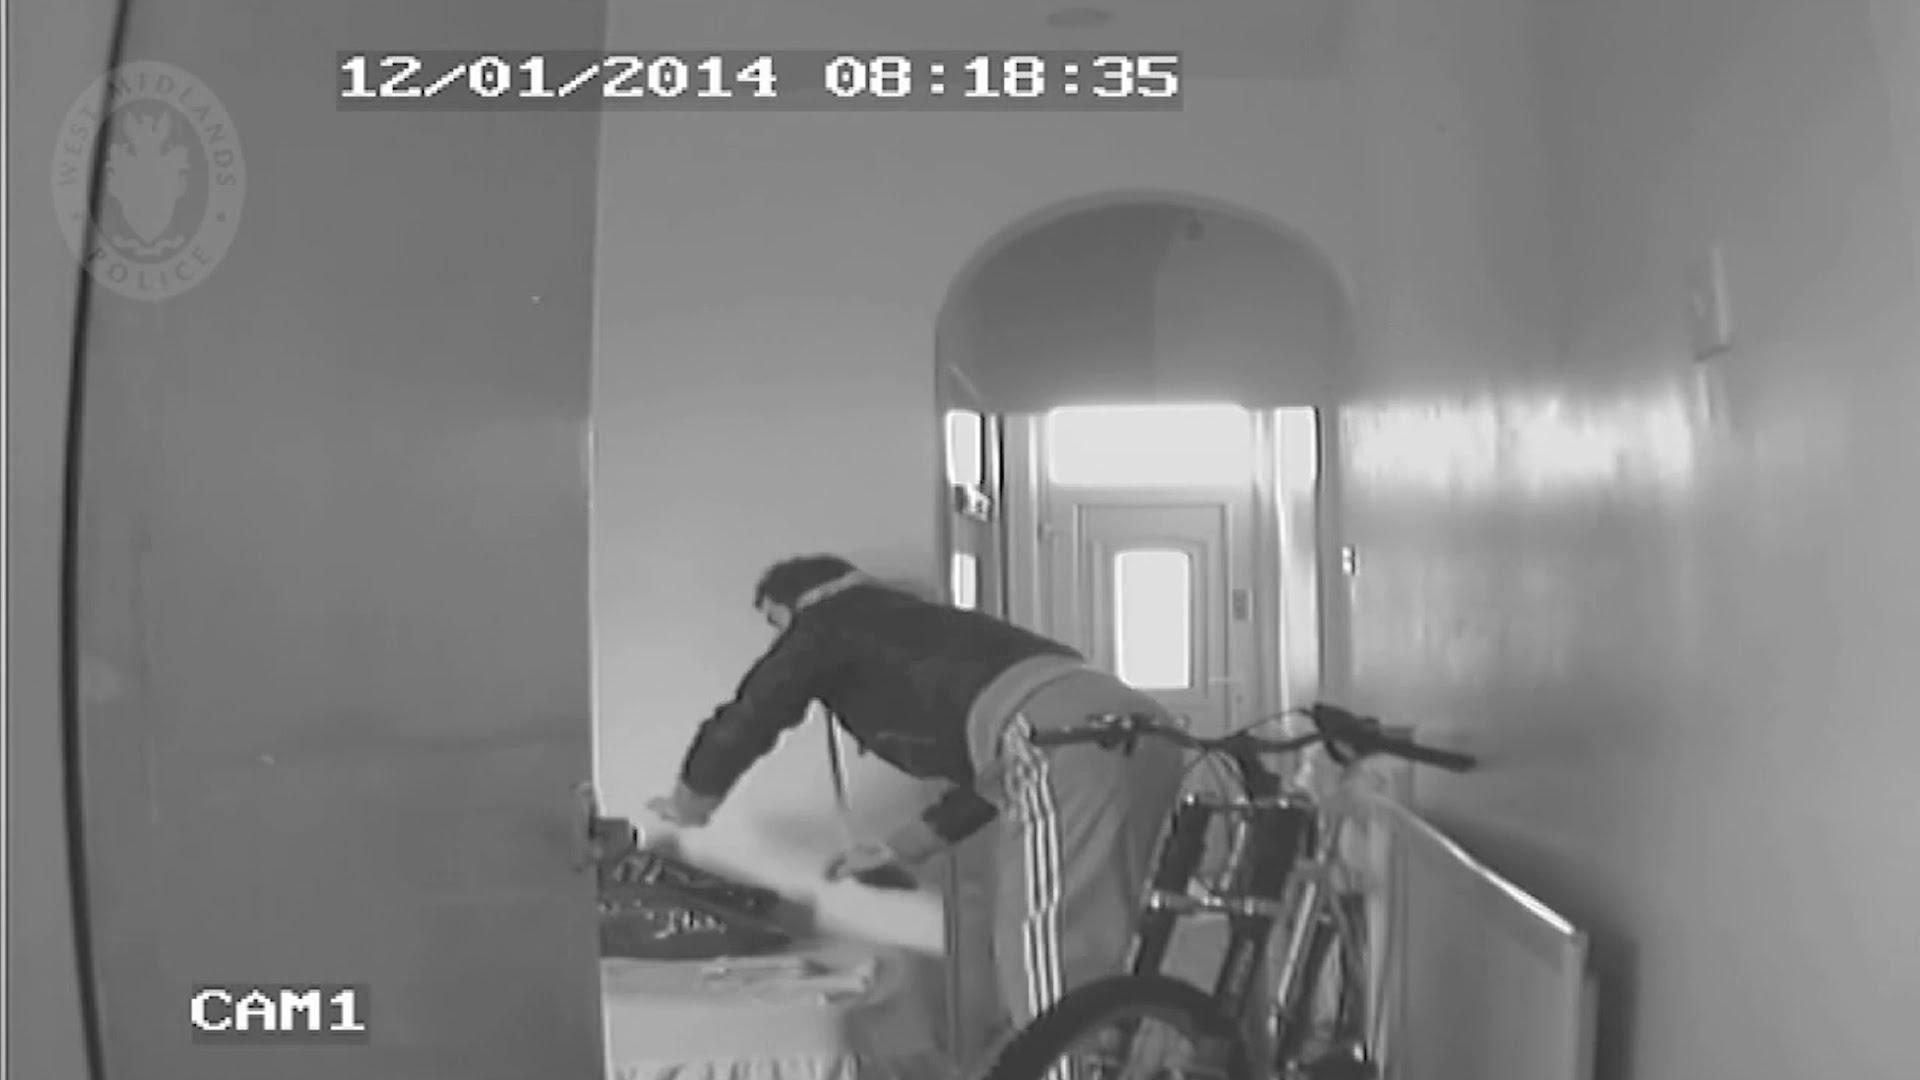 Burglar caught in CCTV house trap